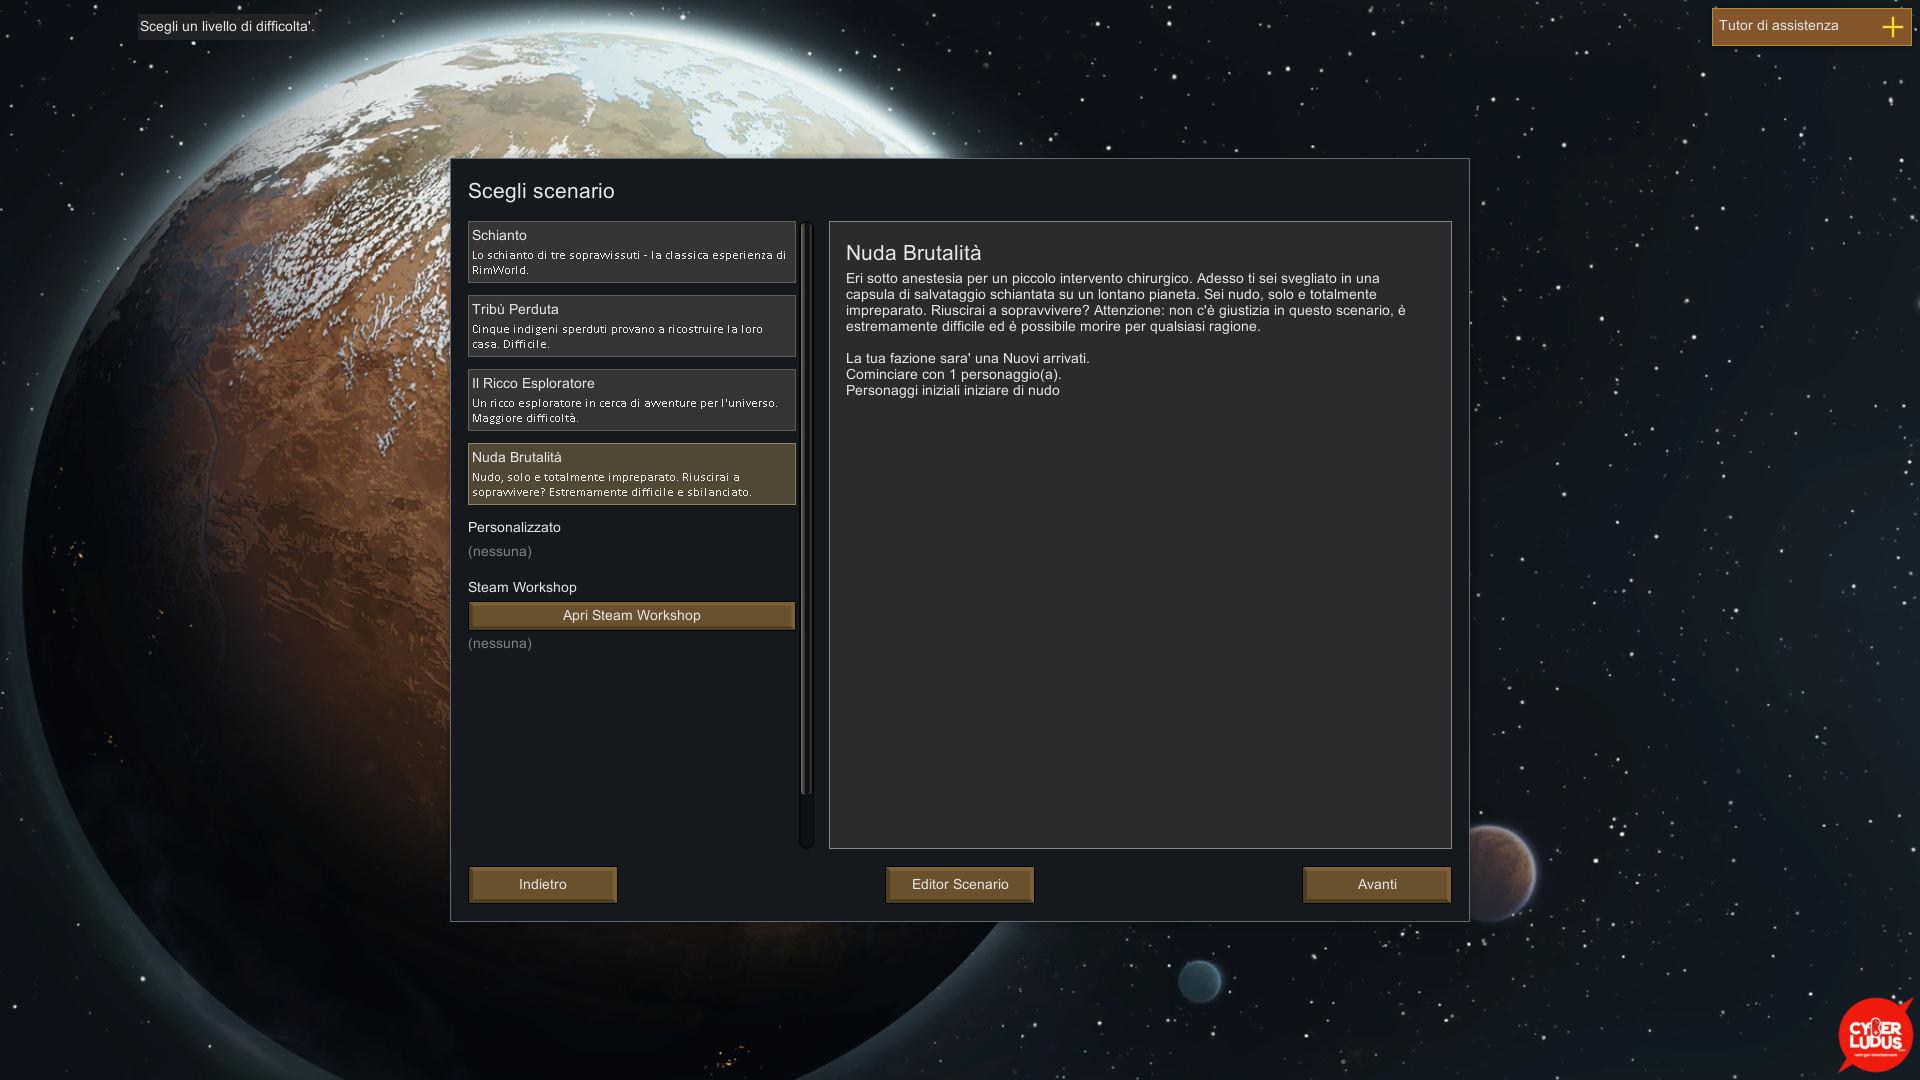 rimworld 1.0 selezione scenario